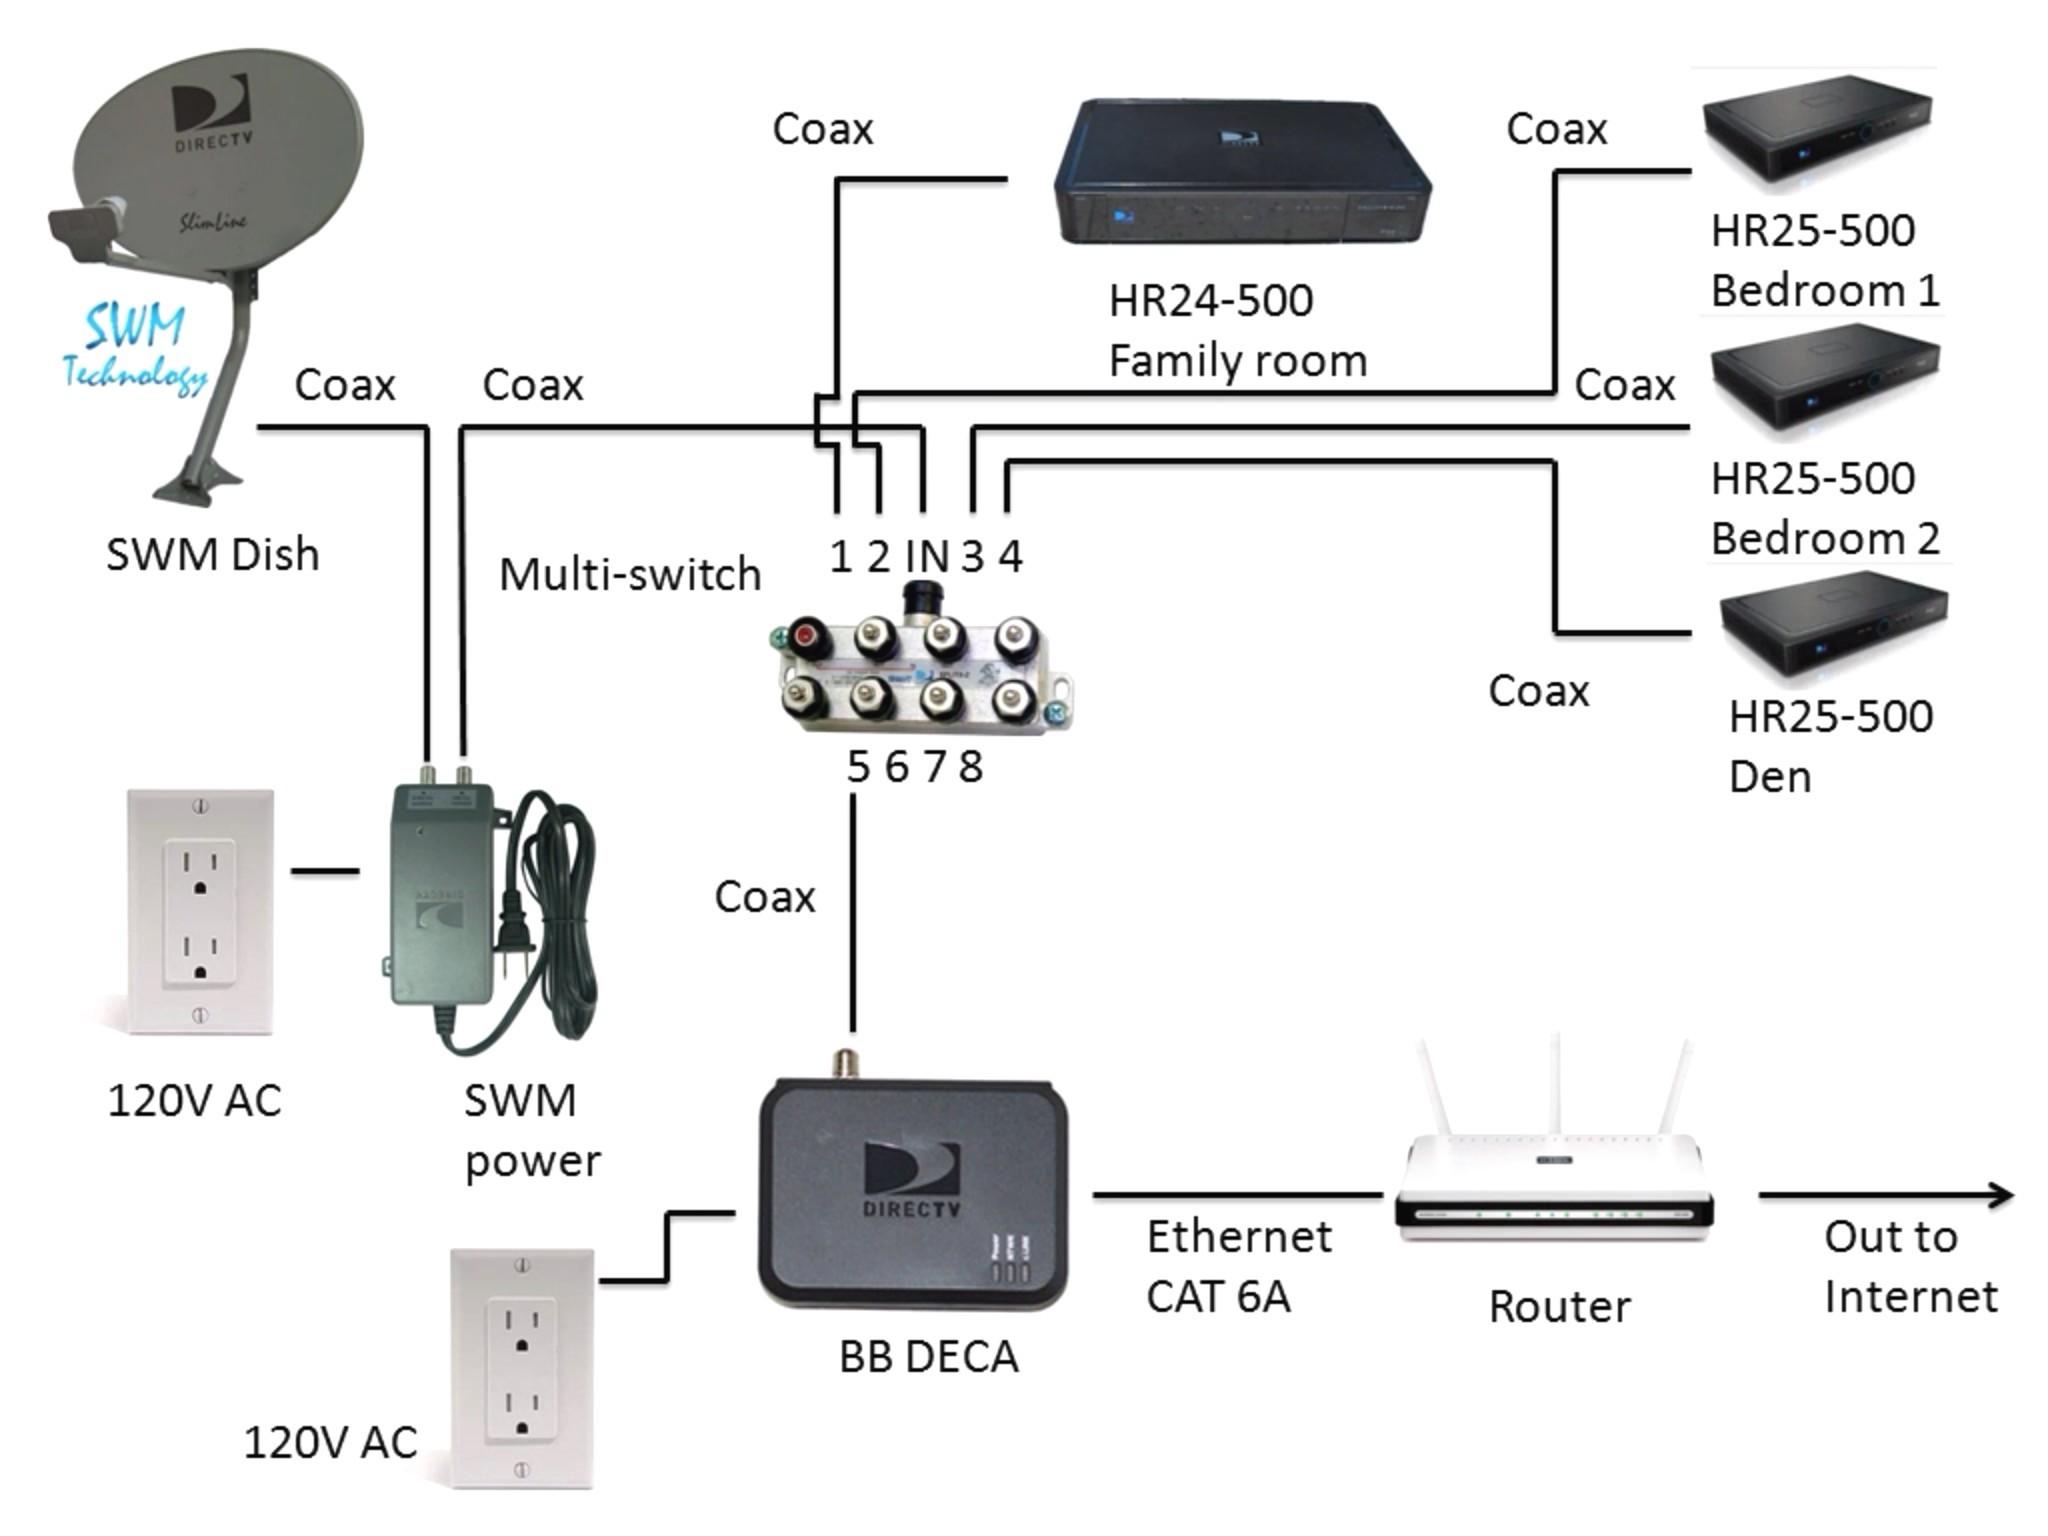 directv genie wiring diagram unique wiring diagram image rh mainetreasurechest com DirecTV Whole Home Wiring Diagram DirecTV Whole Home Wiring Diagram